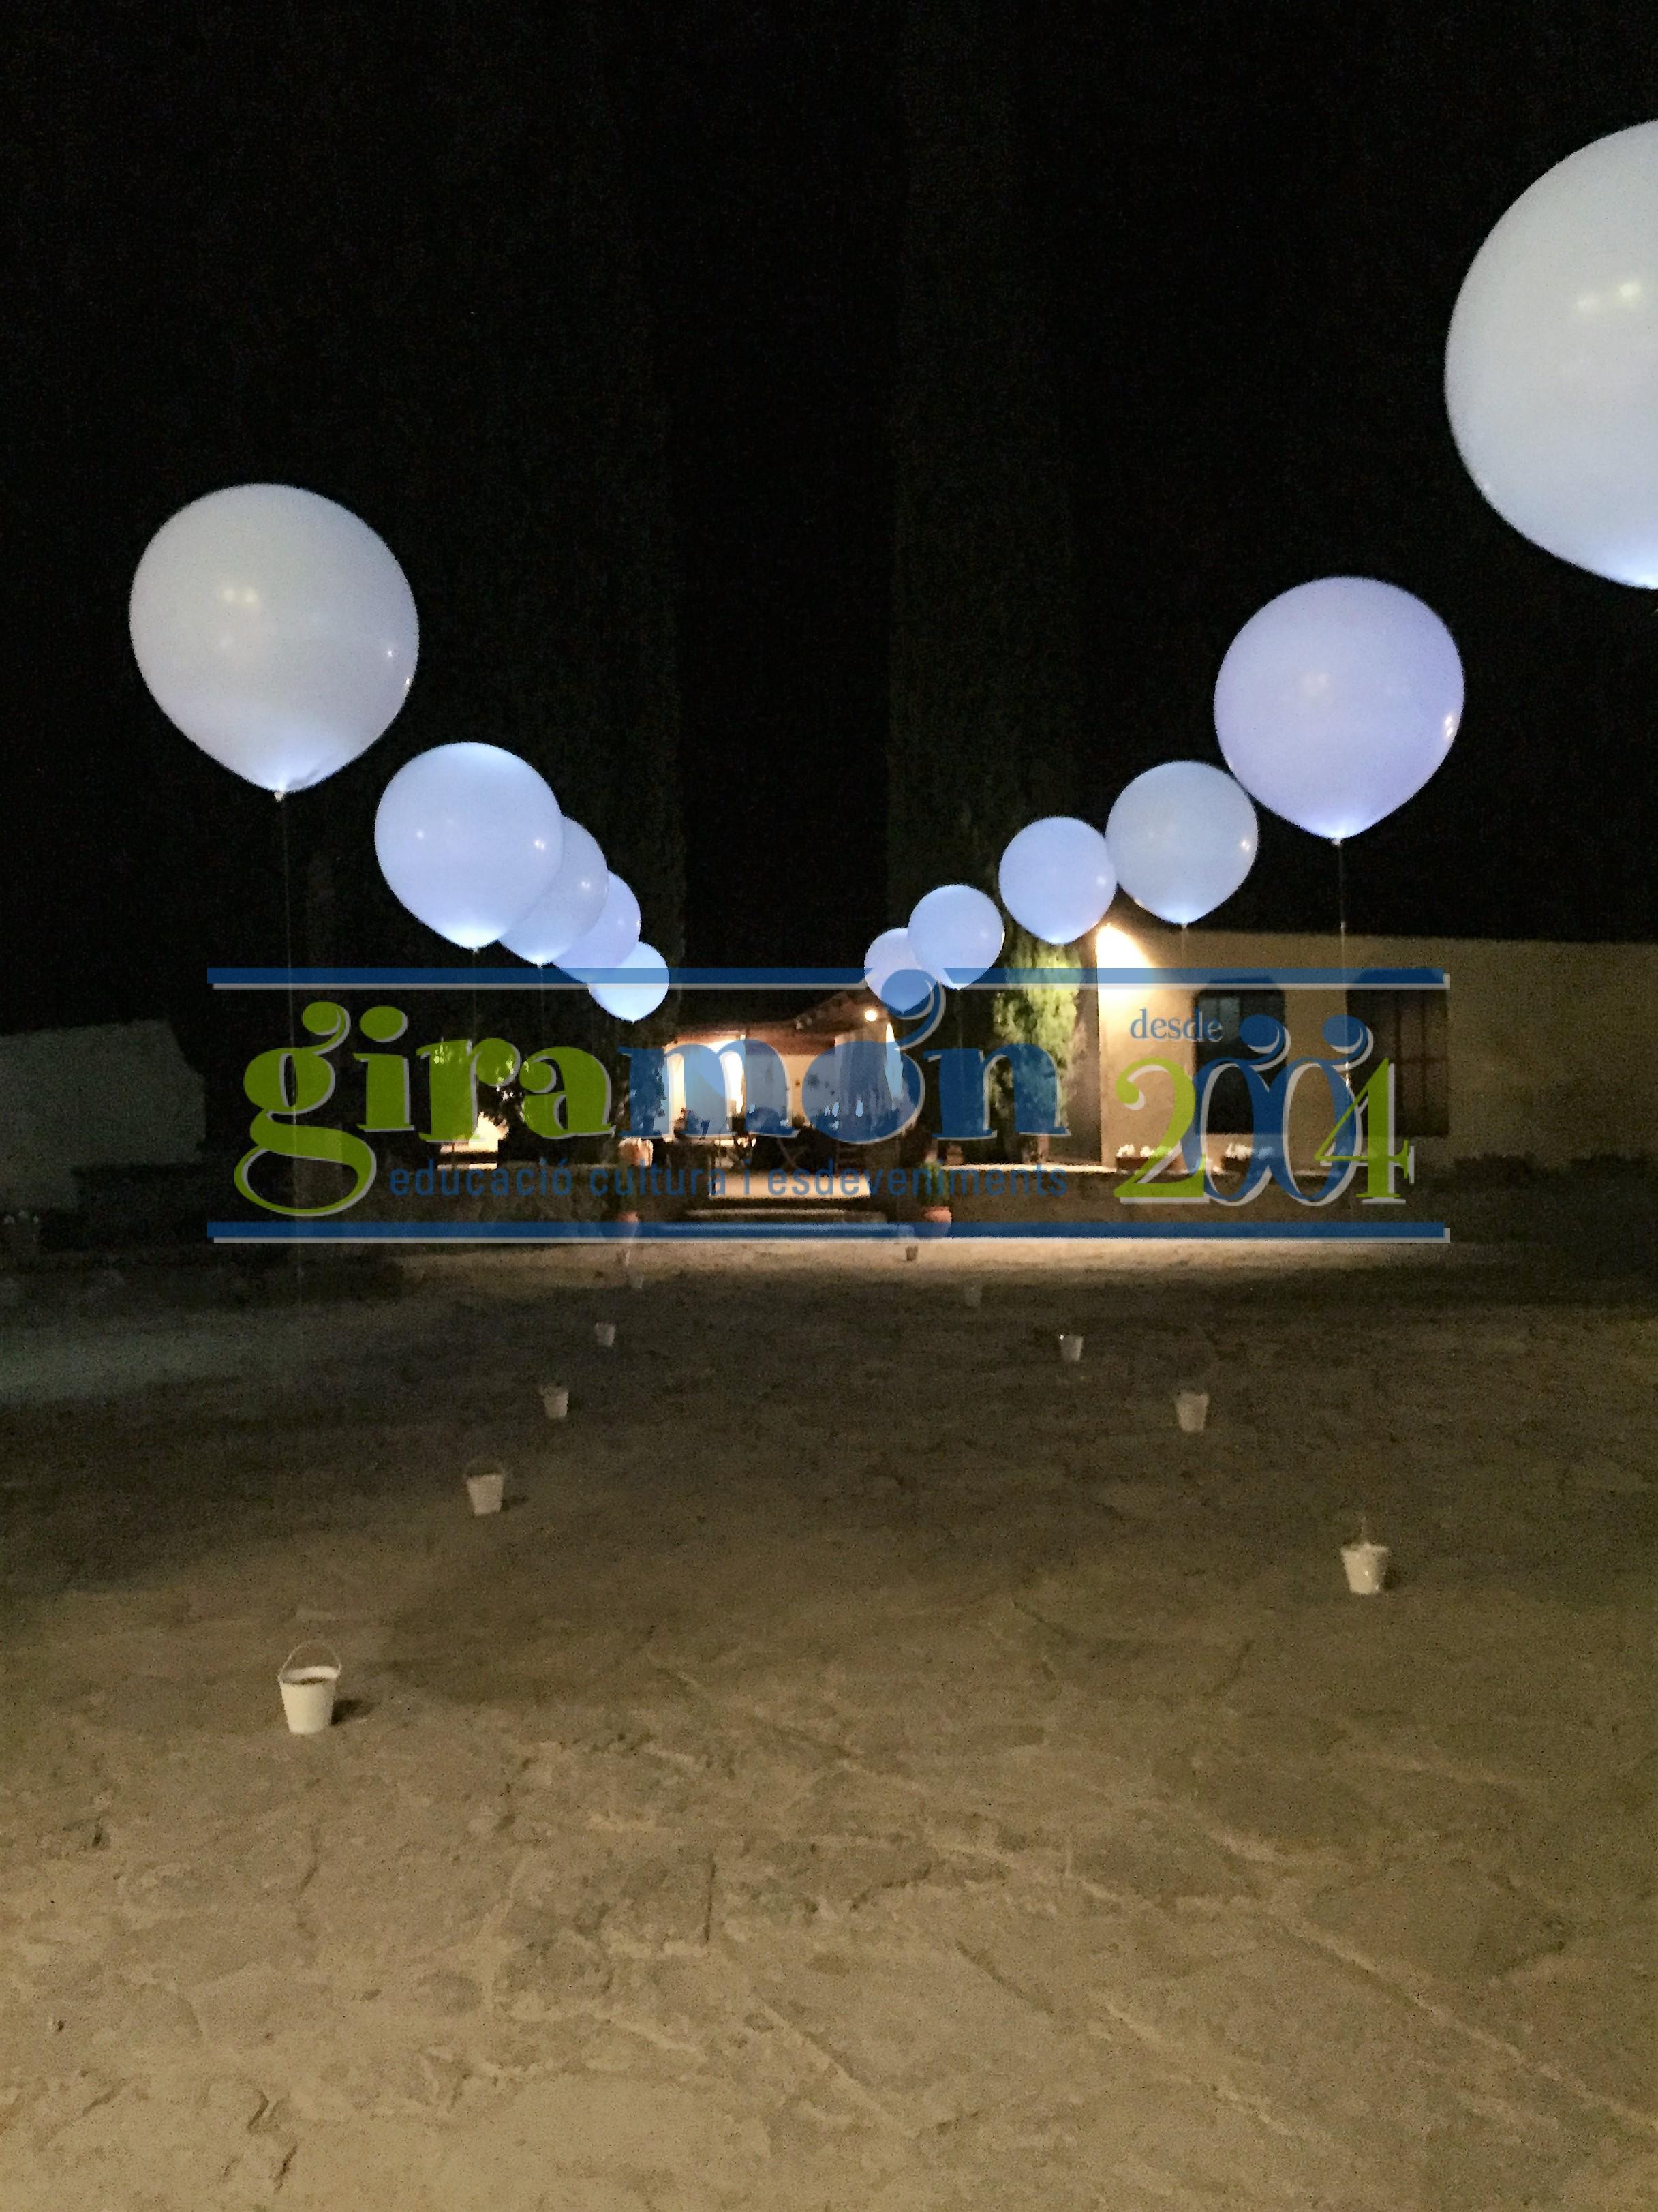 Decoracion Con Globo Gigante Iluminado Con Led Giramon Giramon - Decoracion-led